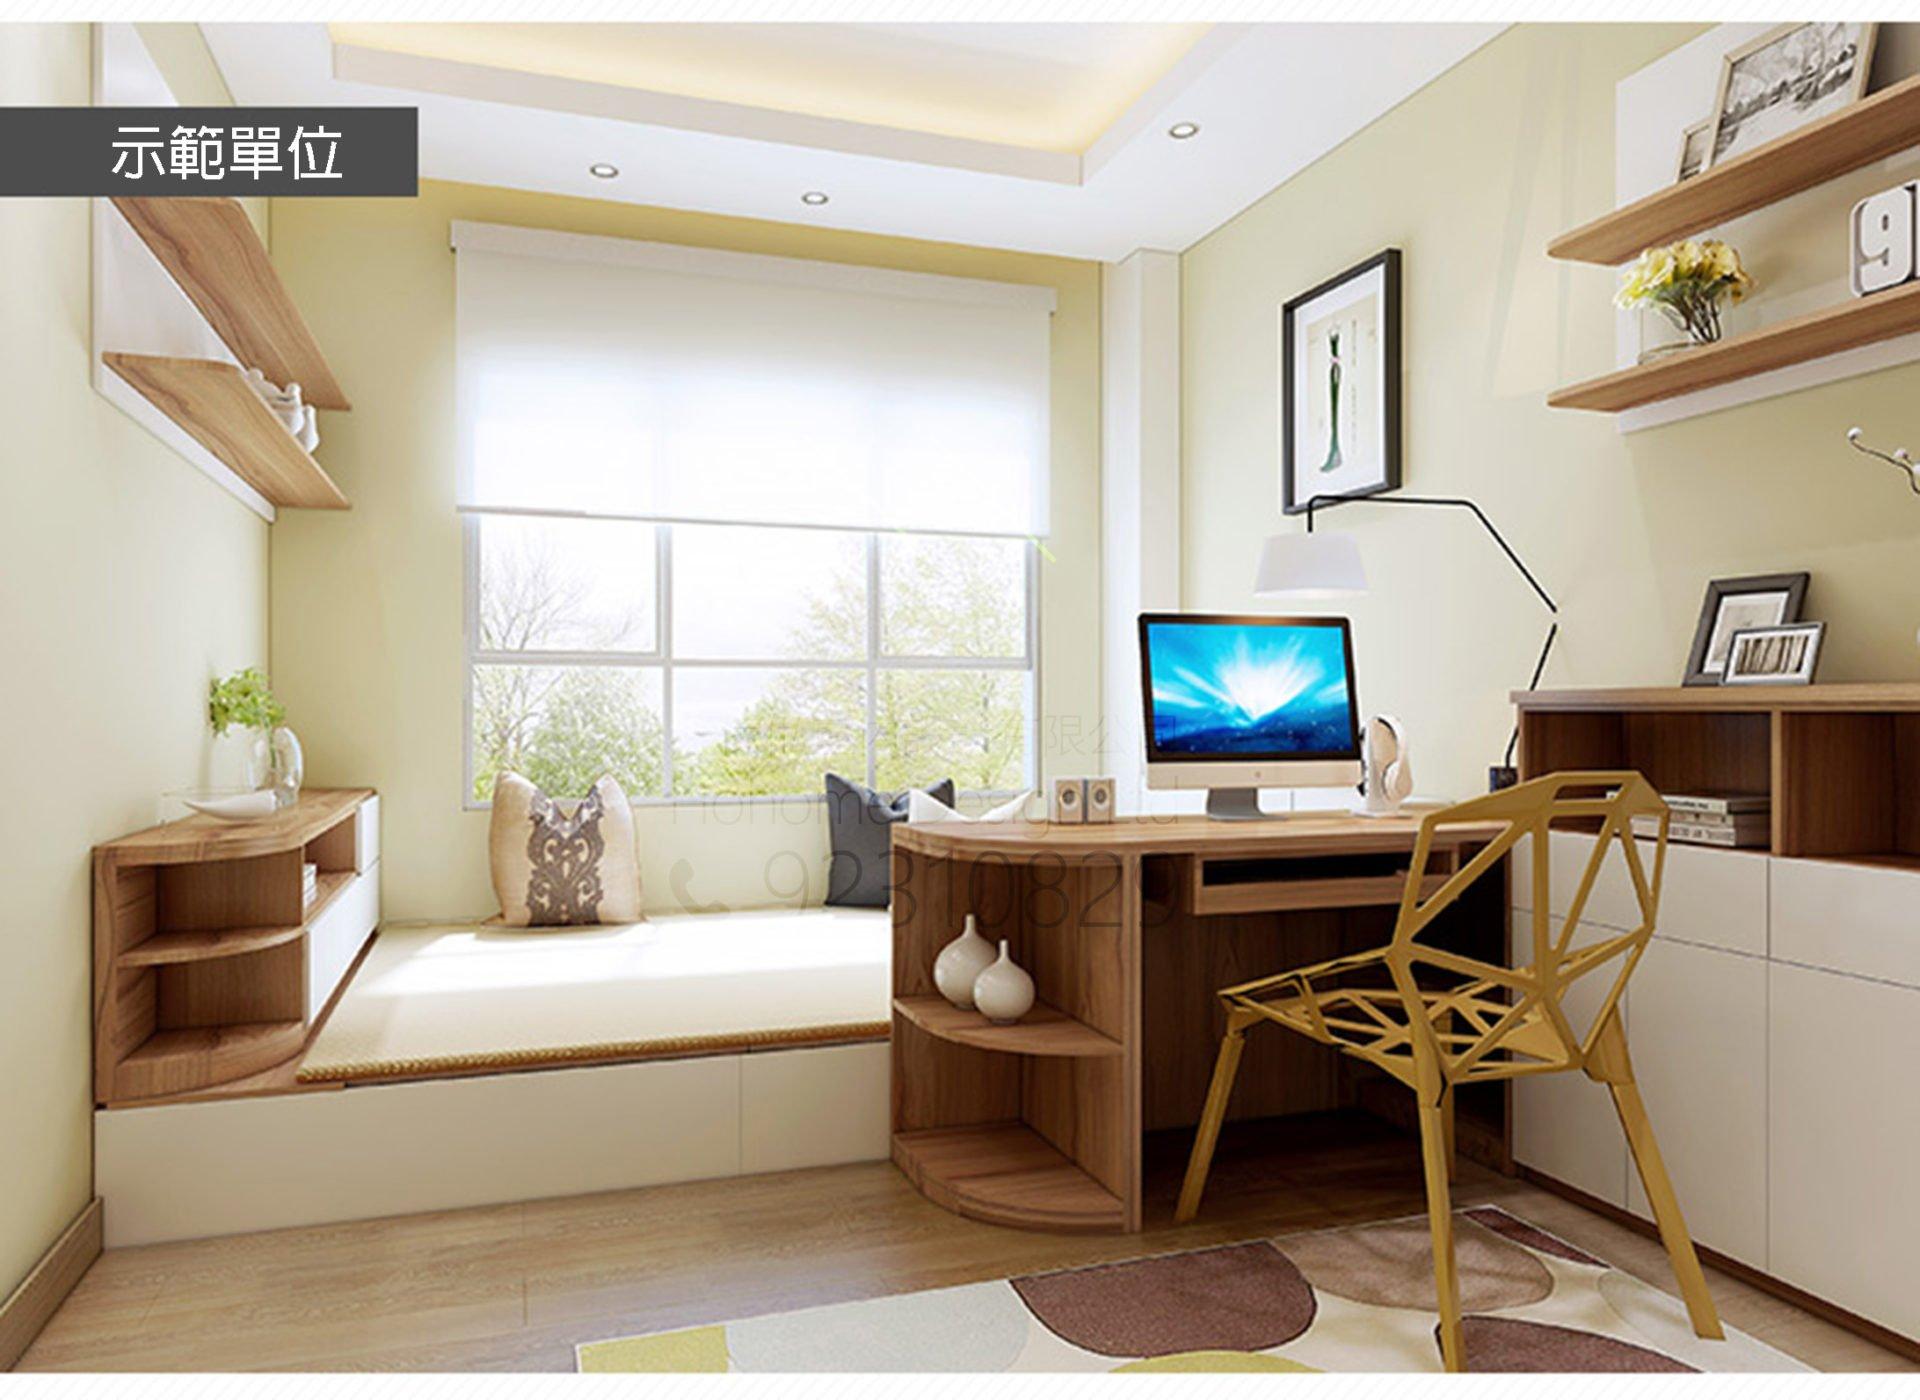 开放式单位 榻榻米地台床 收纳贮物 组合柜 衣柜 电脑图片